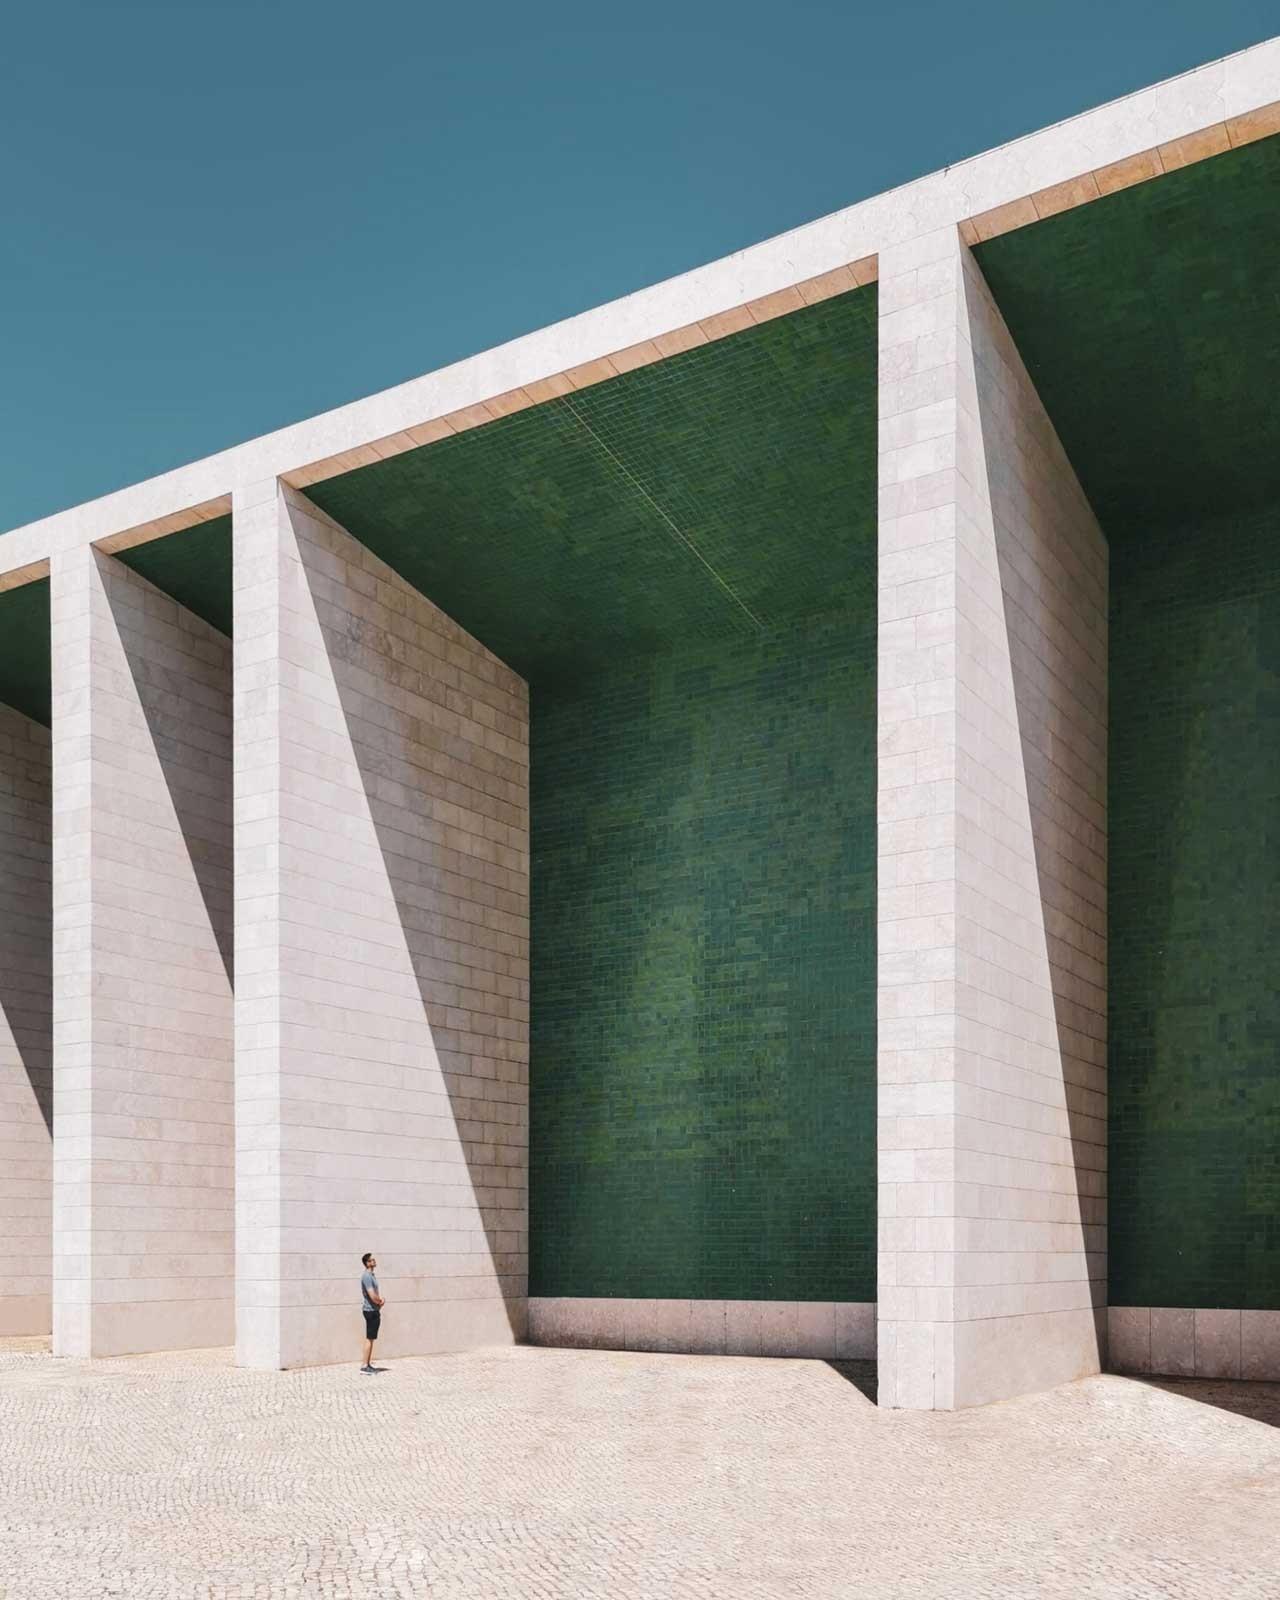 Категория «Архитектура». Лиссабон, Португалия. Автор Джулия Исаак